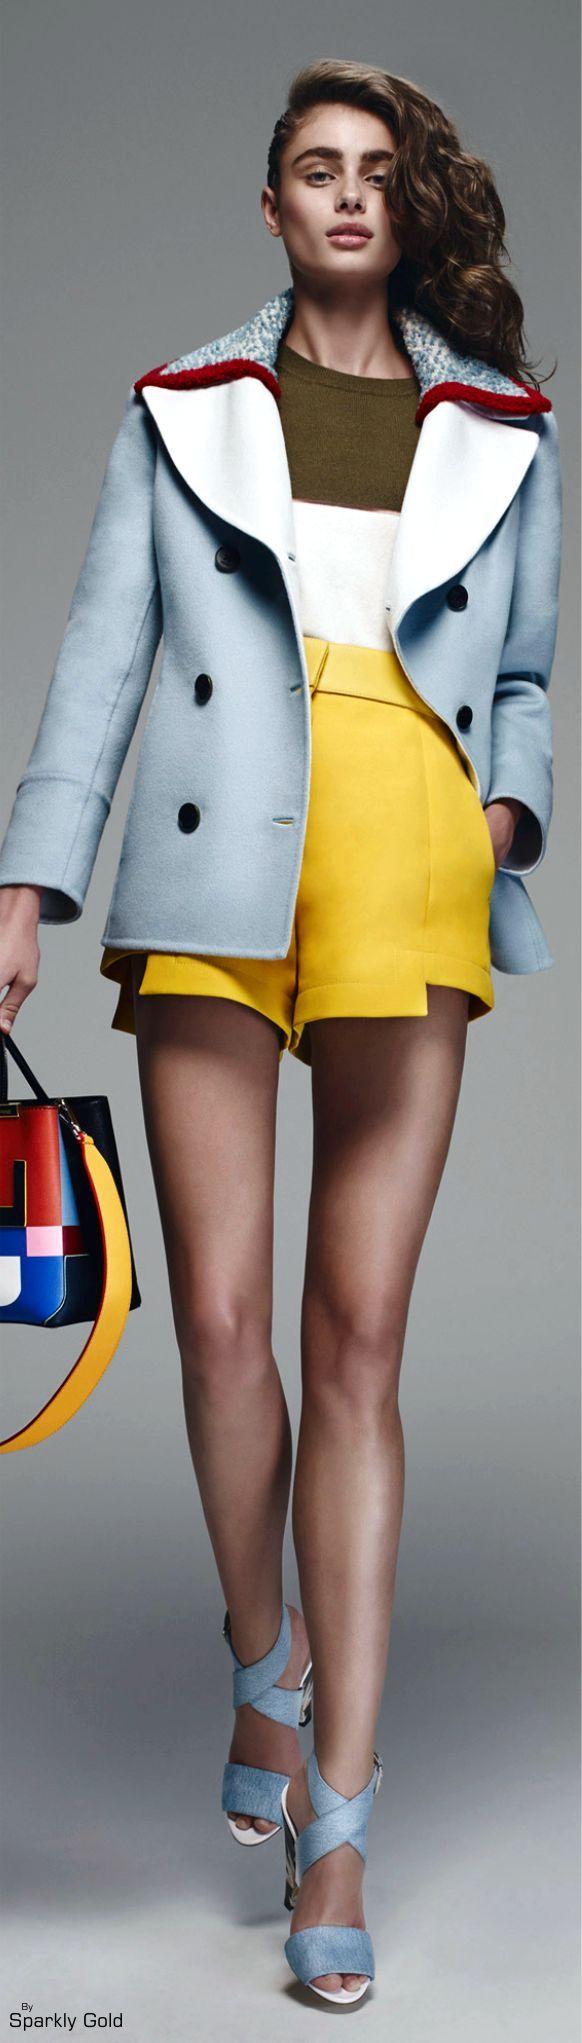 Работа в США (USA) и др. странах моделям. Job for womens. Смотрите здесь http://absd123.com